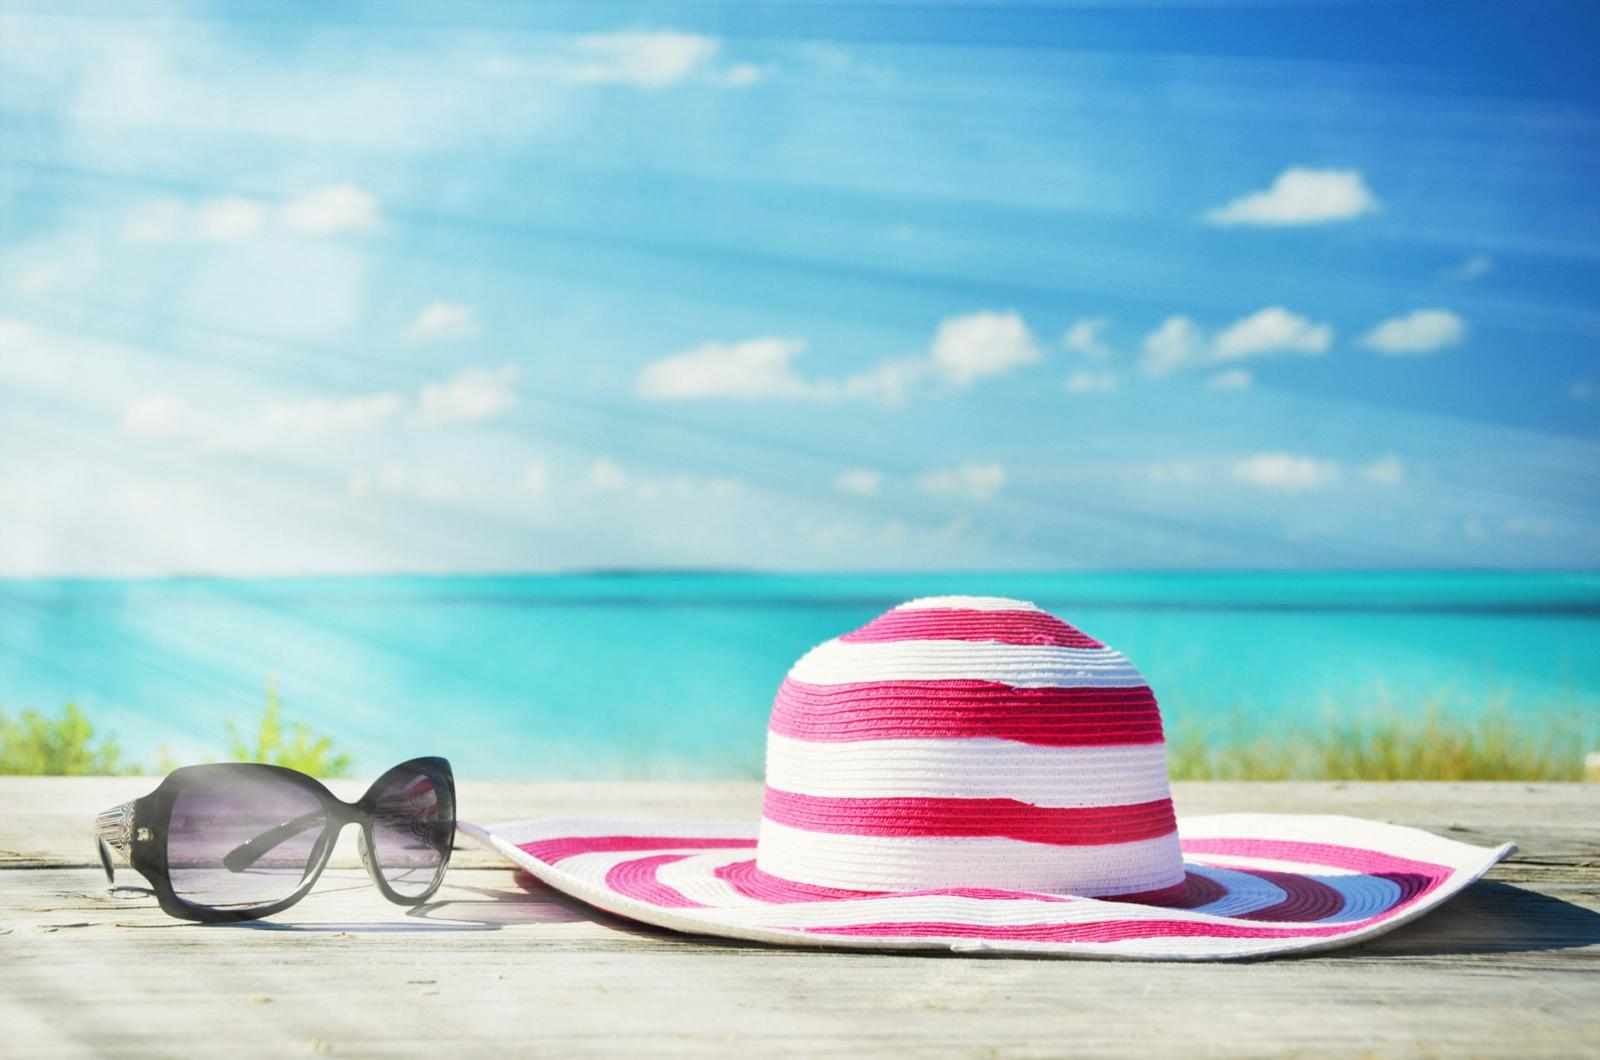 Sonnenschutz Sommer Hut Sonnenbrillen